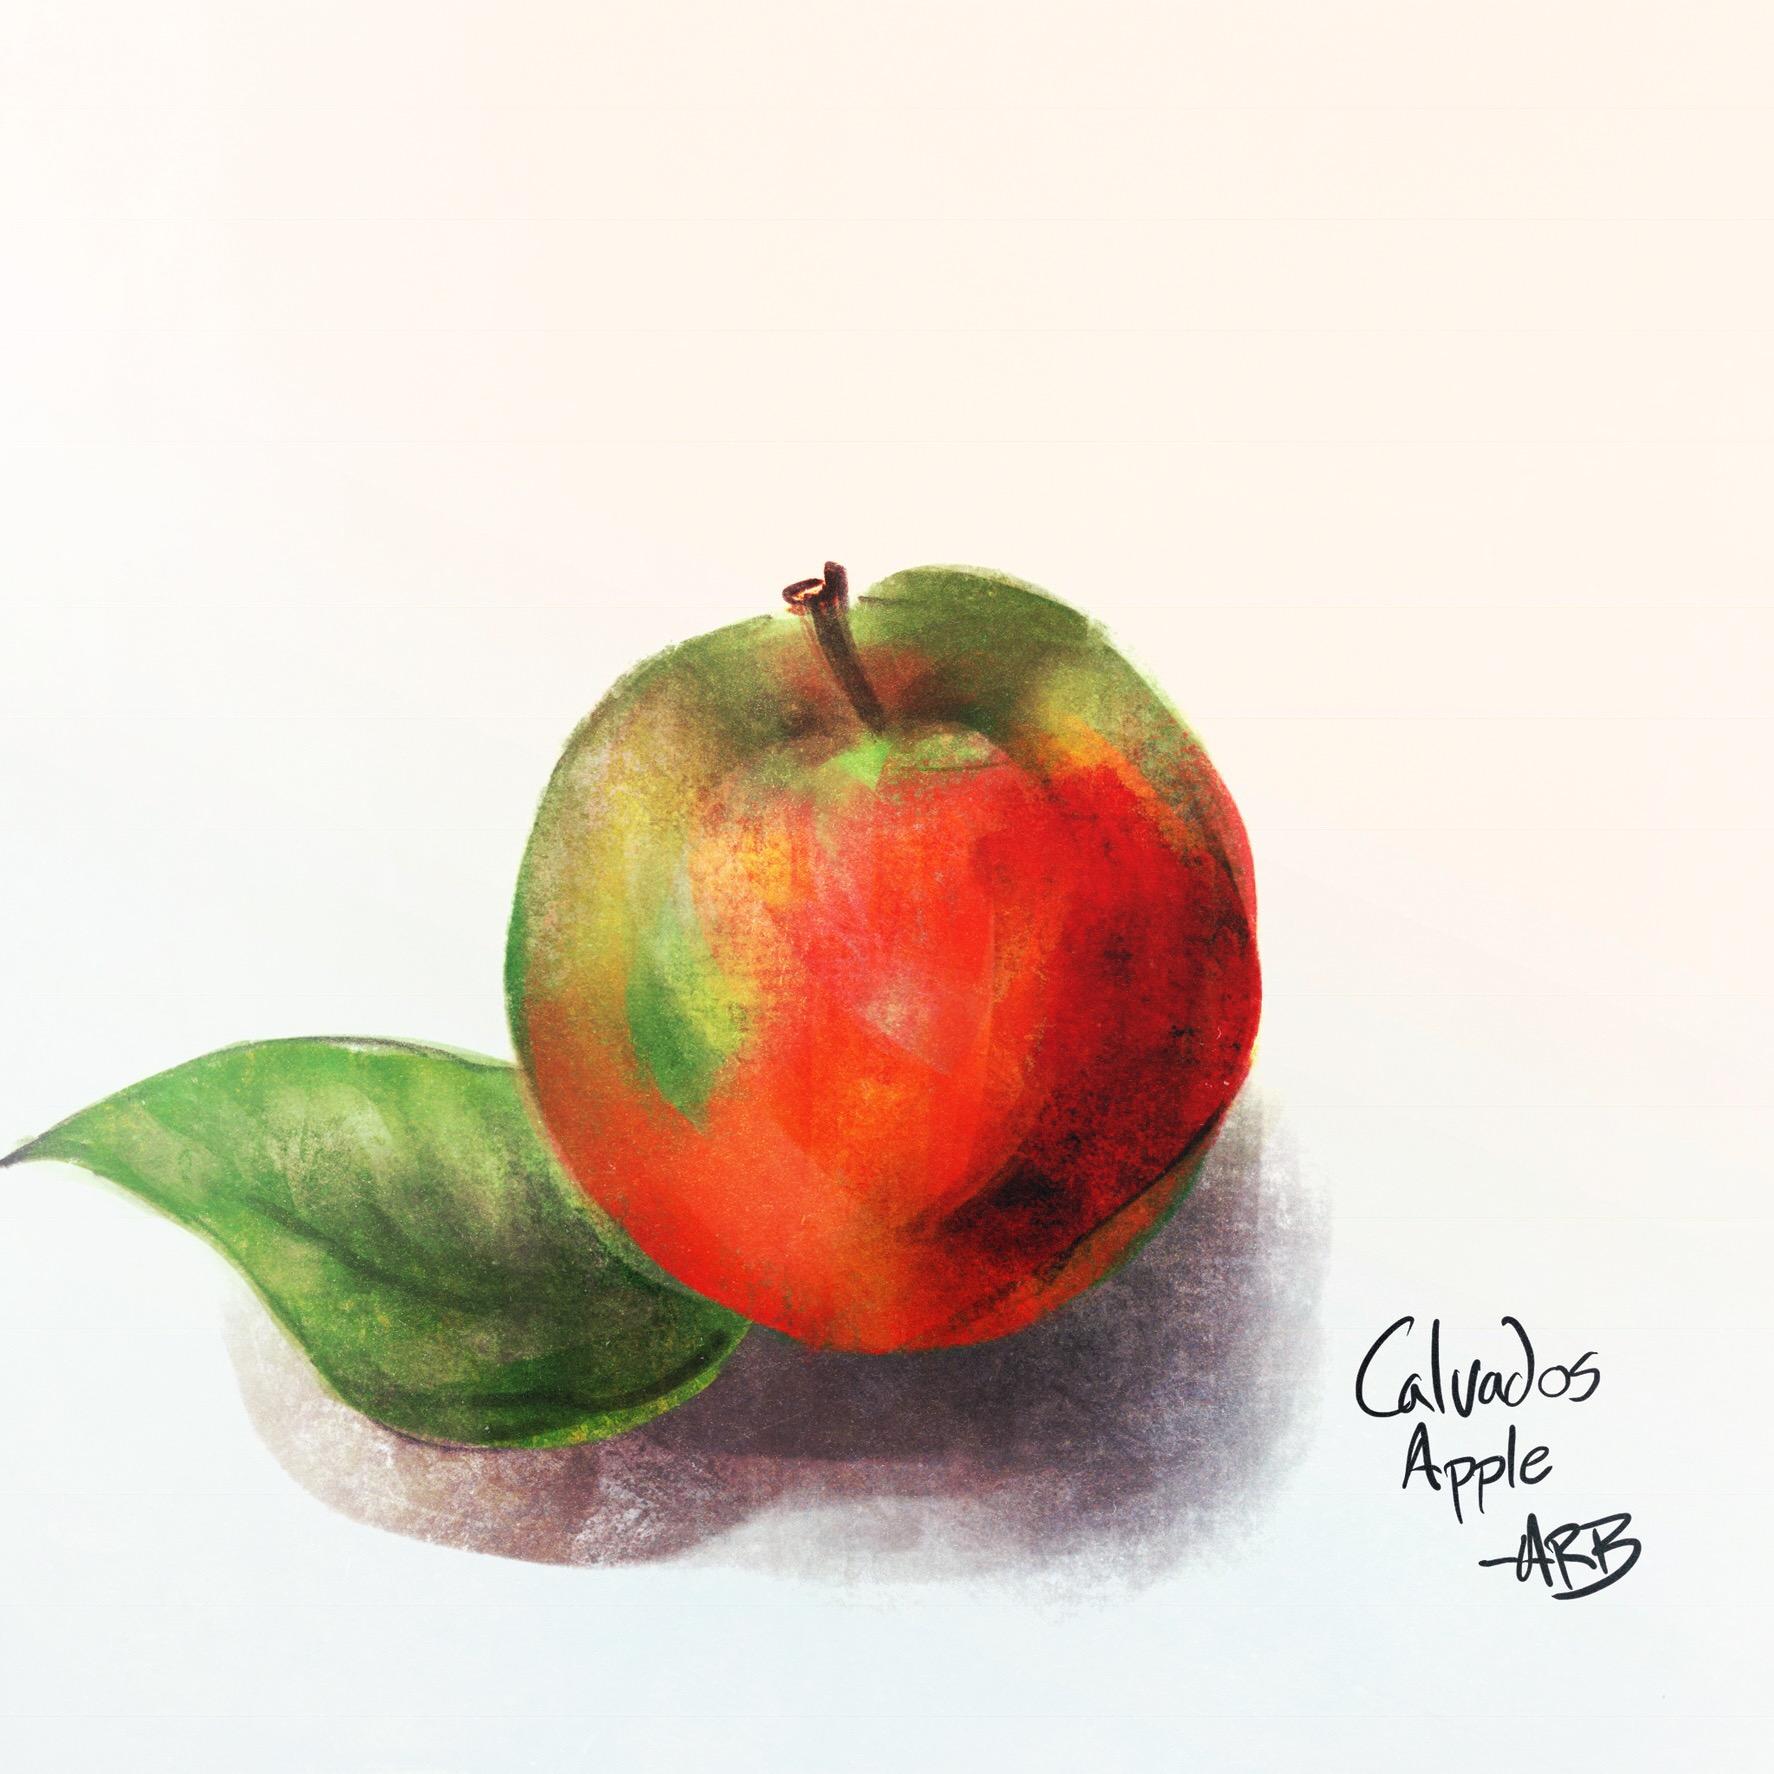 calvados apple